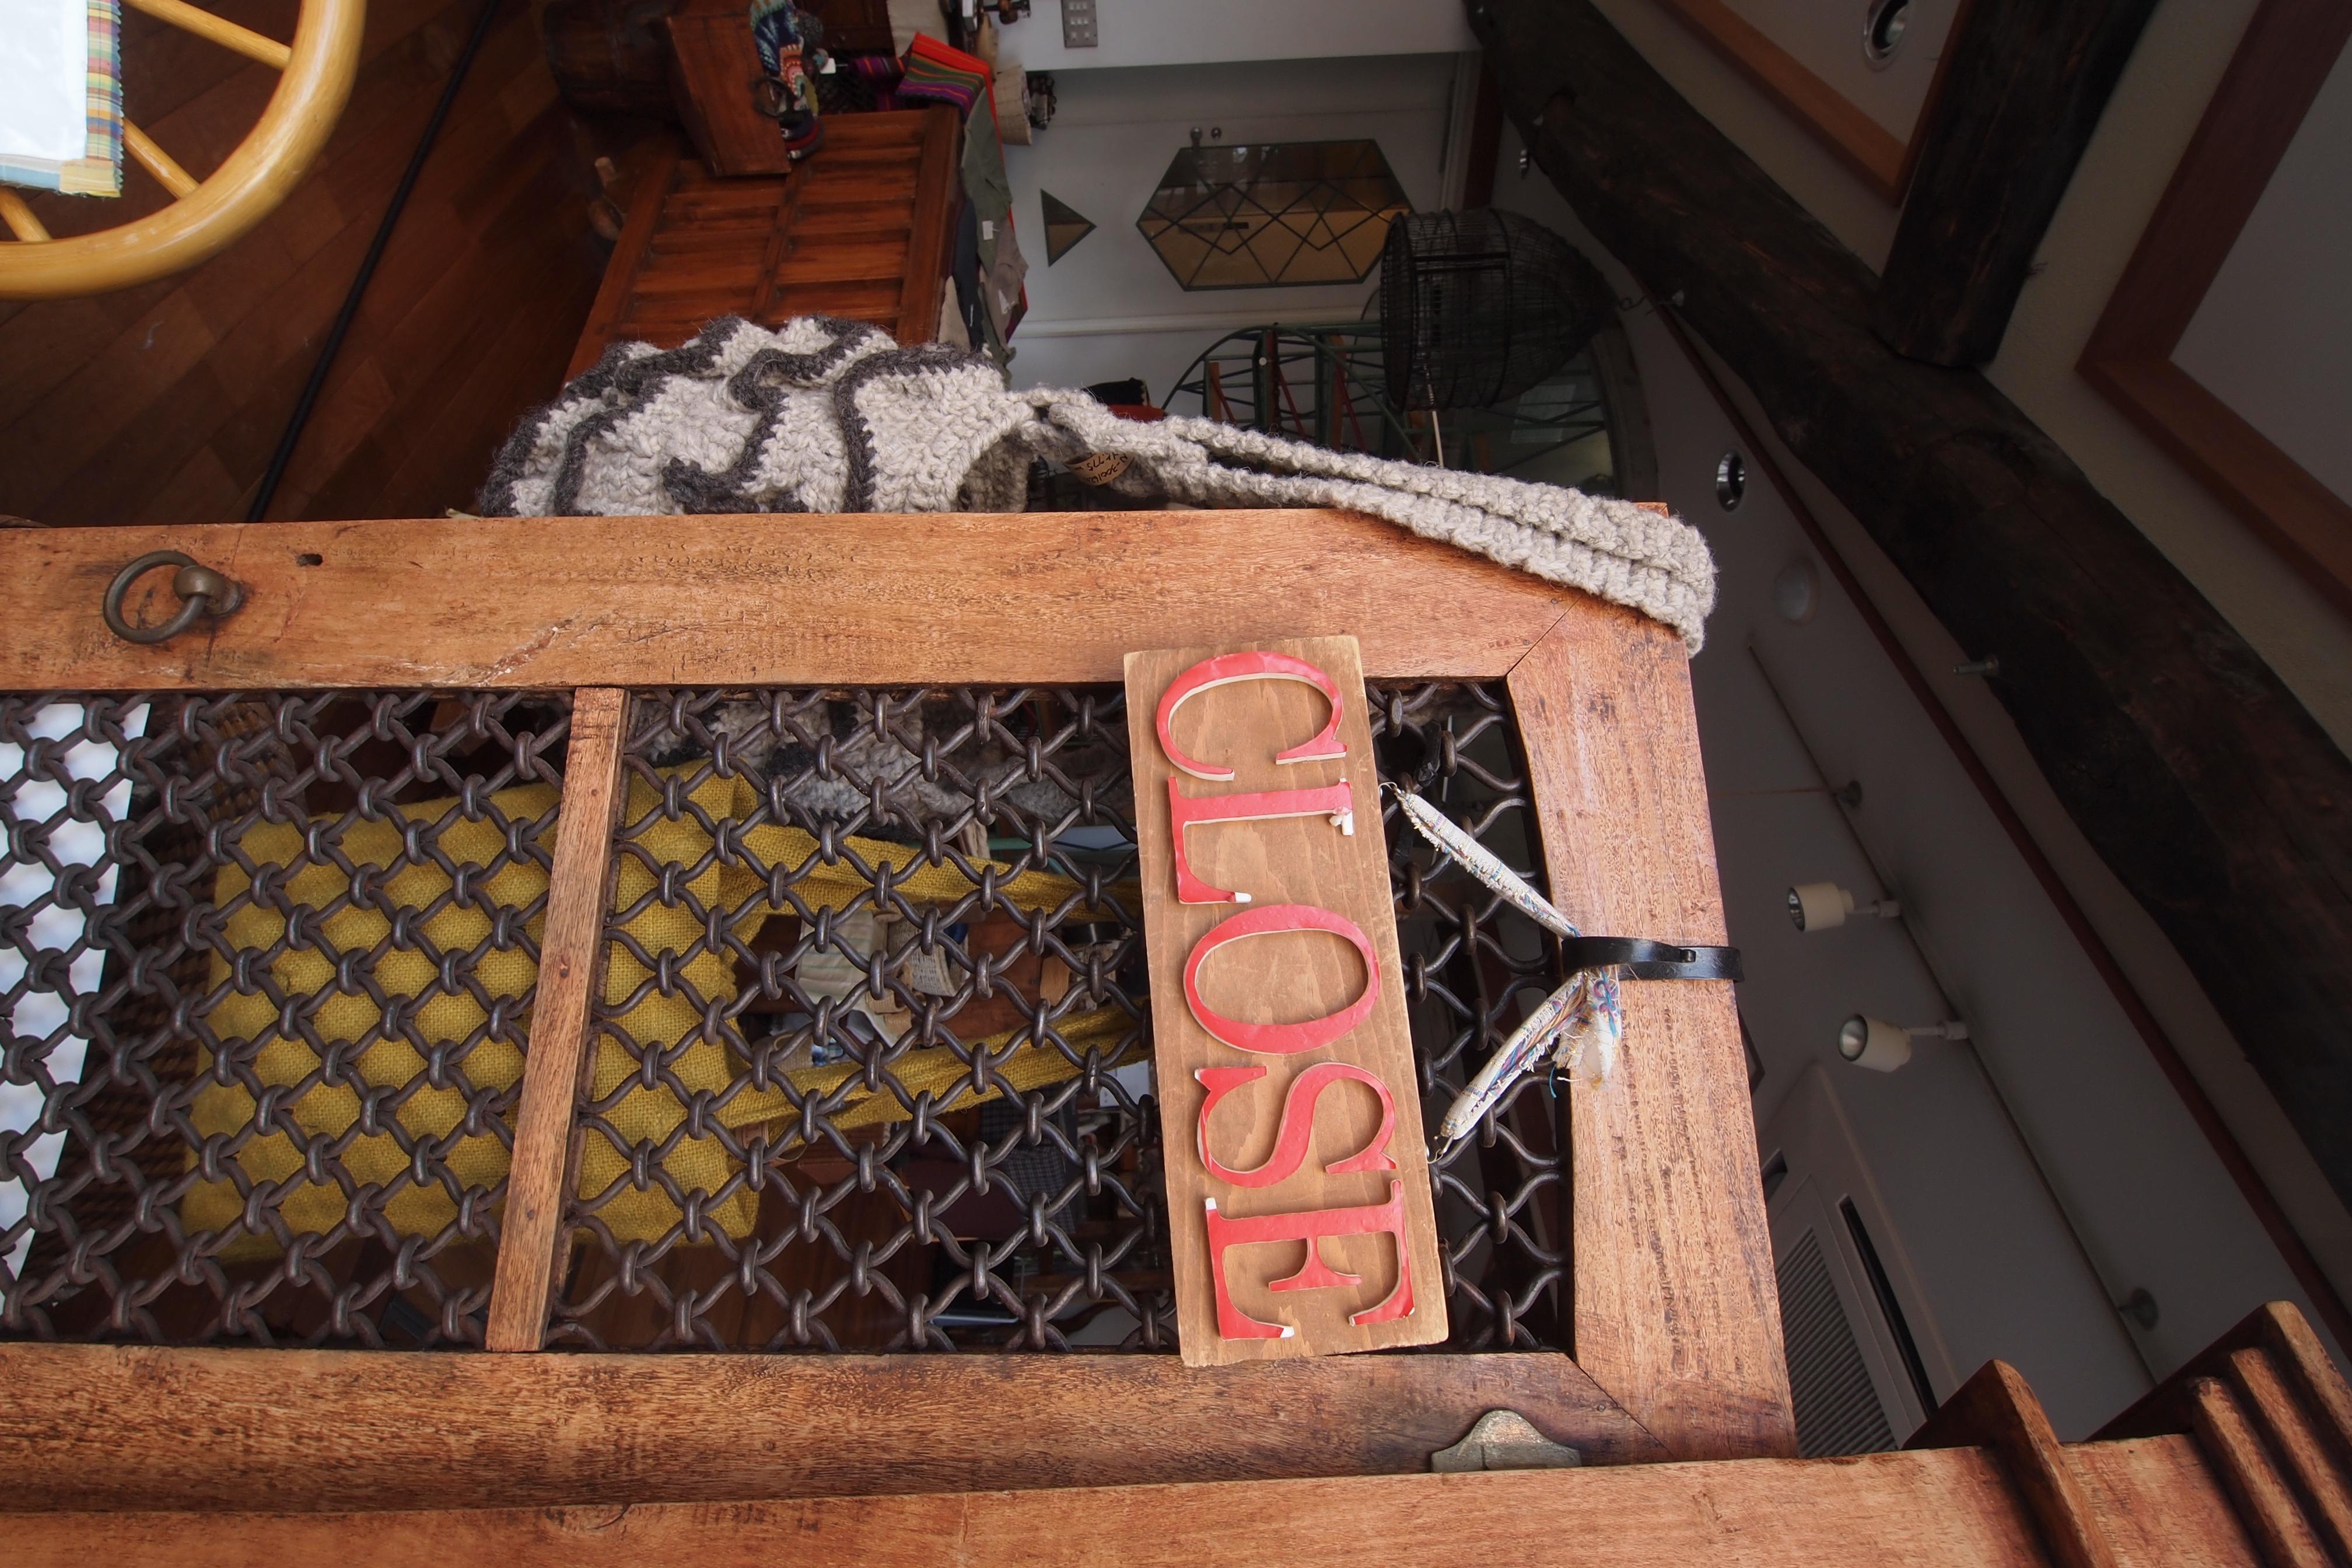 <b>写り込みを避けるためにドアのガラスにフードを押しつけるようにして撮った。おかげで手ブレも防げた。E-PL2 / M.ZUIKO DIGITAL ED 9-18mm F4-5.6 / 4,032×2,688 / 1/13秒 / F8 / 0EV / ISO200 / WB:太陽光 / 9mm</b>